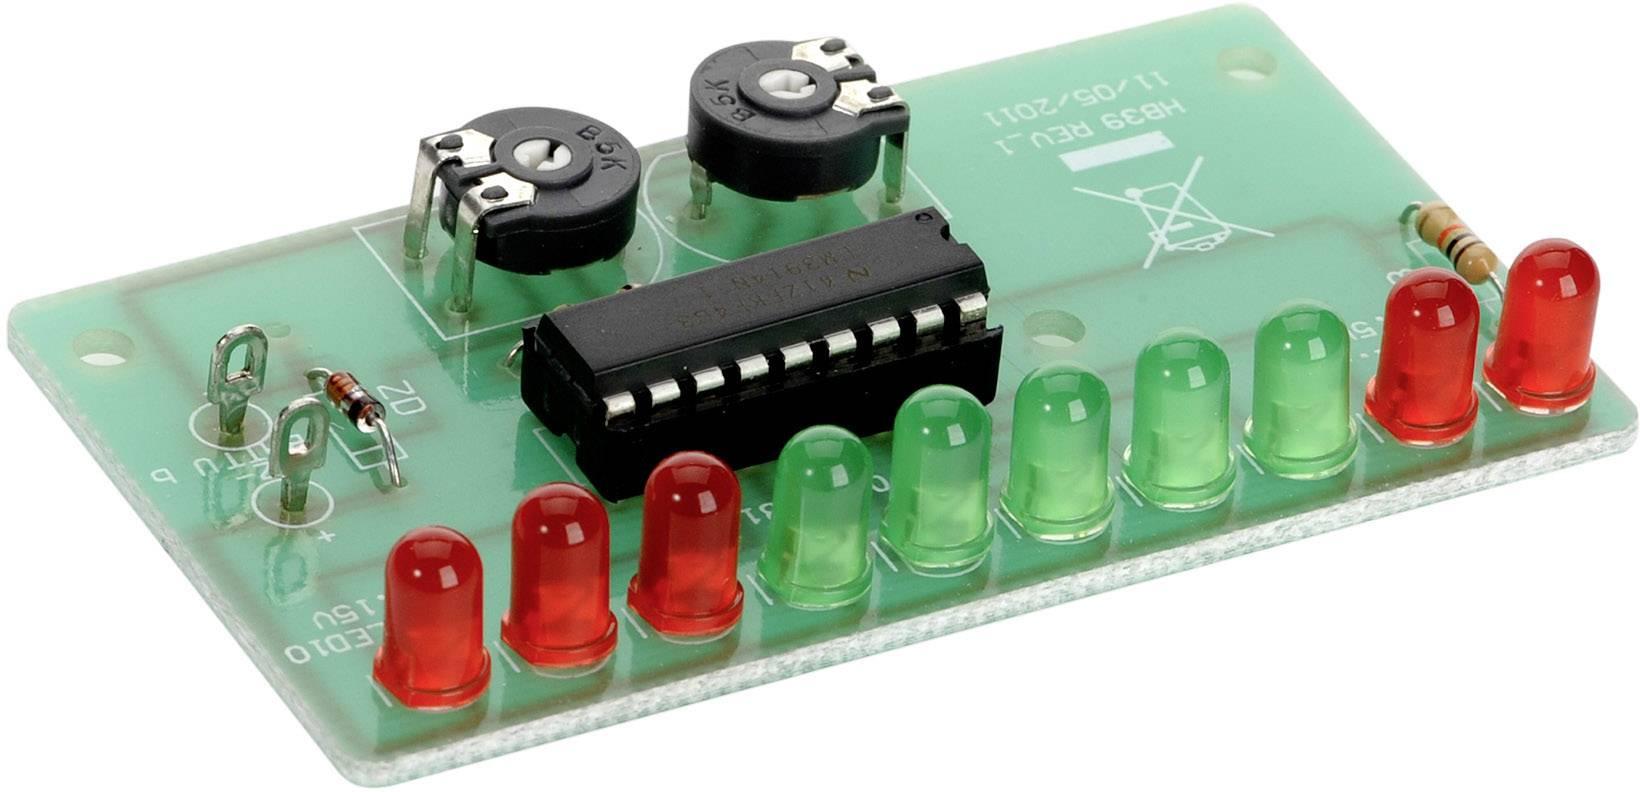 LED ukazatel stavu nabití baterie v automobilu 12 V/DC